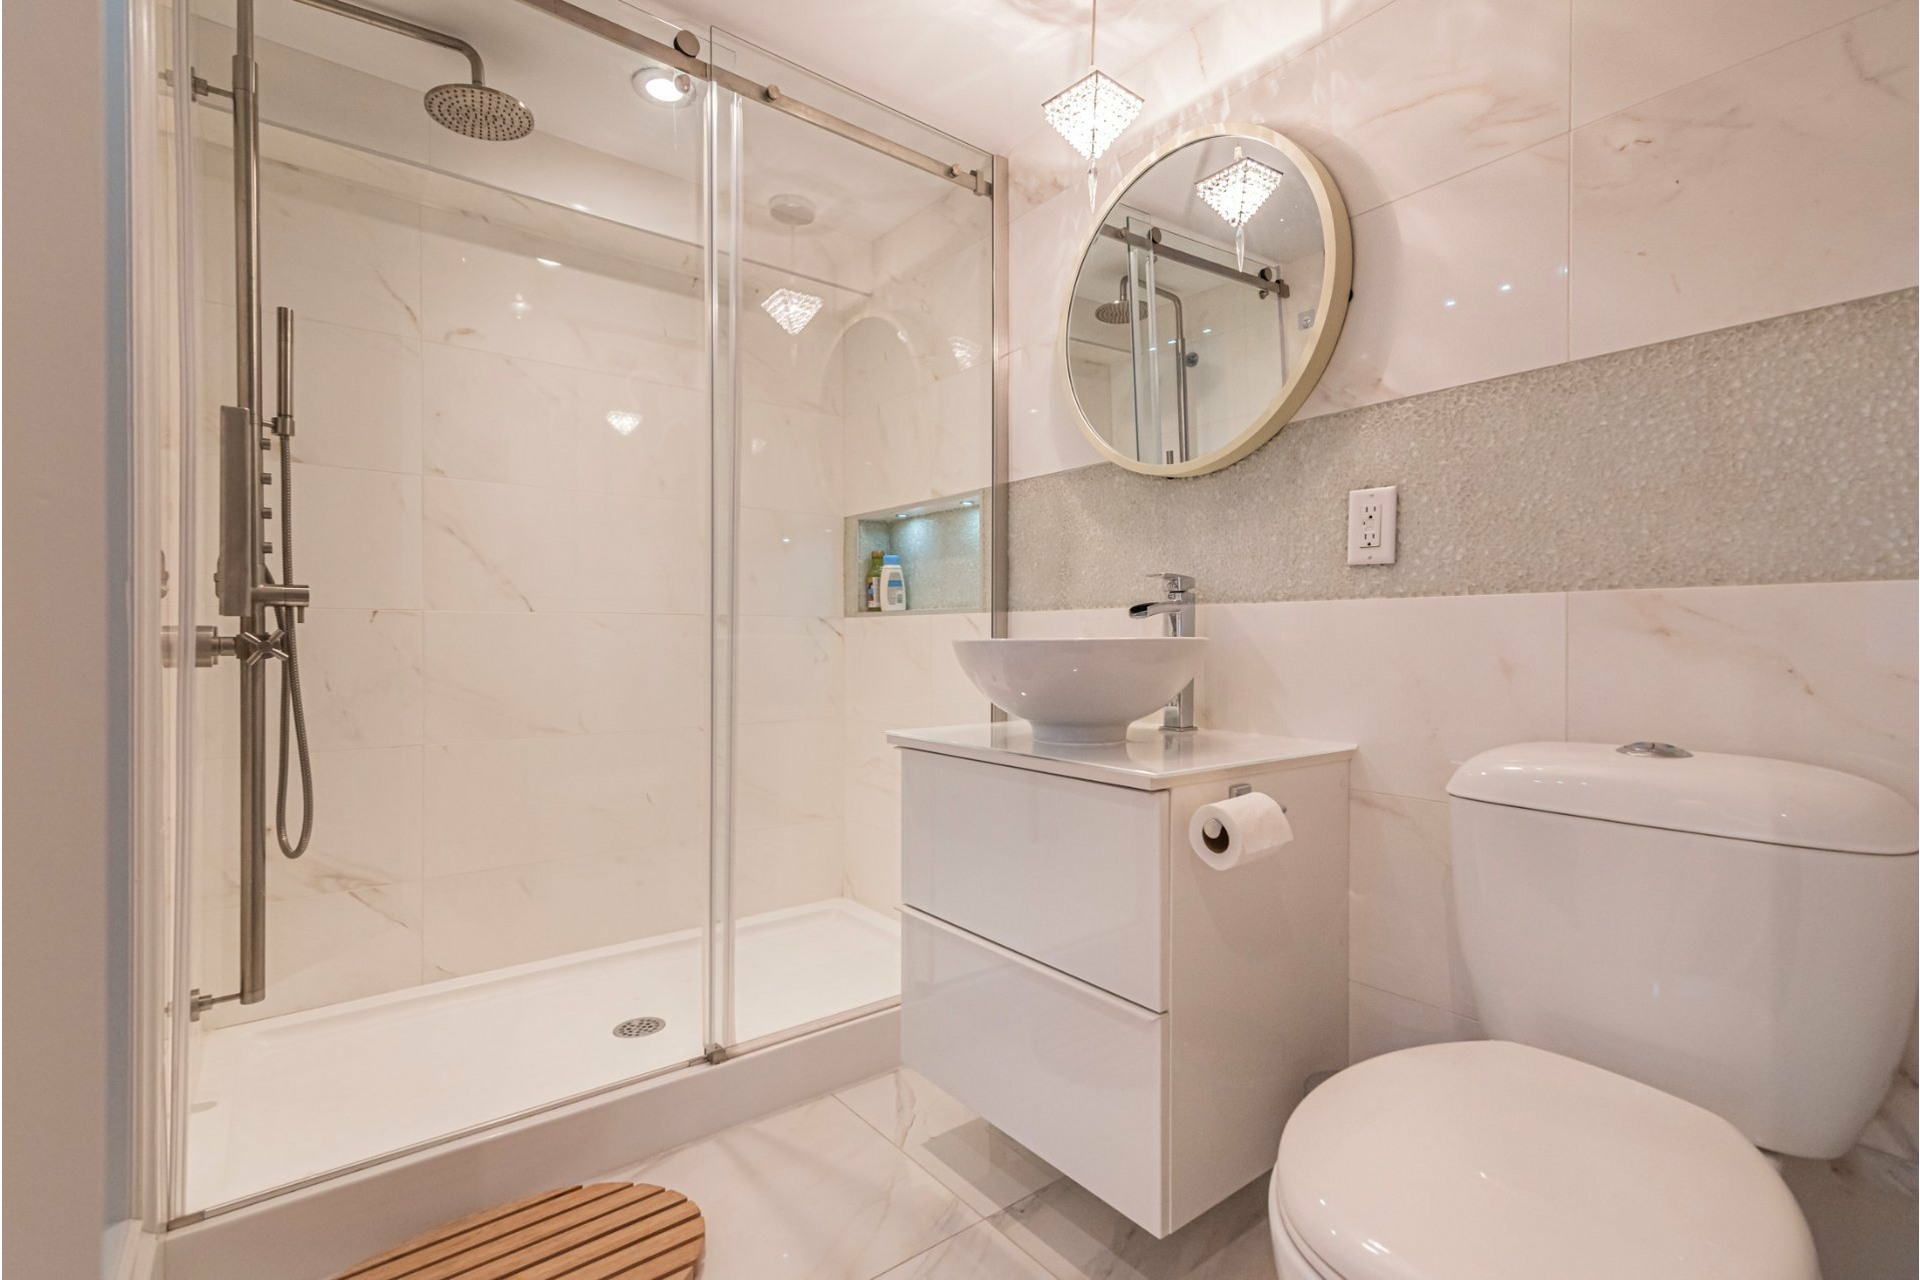 image 27 - Appartement À vendre Côte-des-Neiges/Notre-Dame-de-Grâce Montréal  - 10 pièces